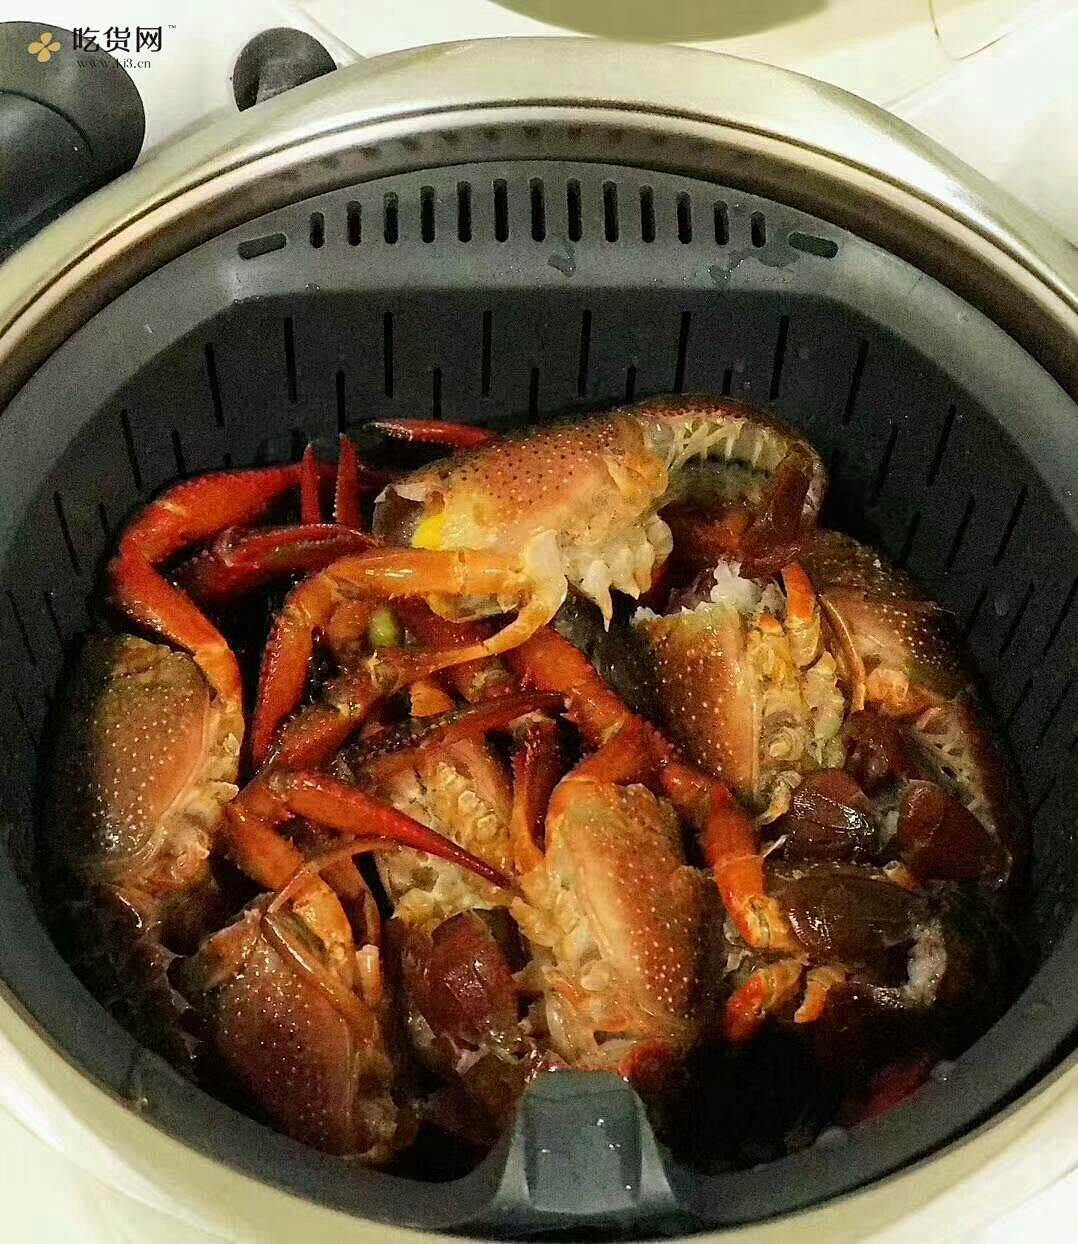 美善品麻辣小龙虾的做法 步骤1